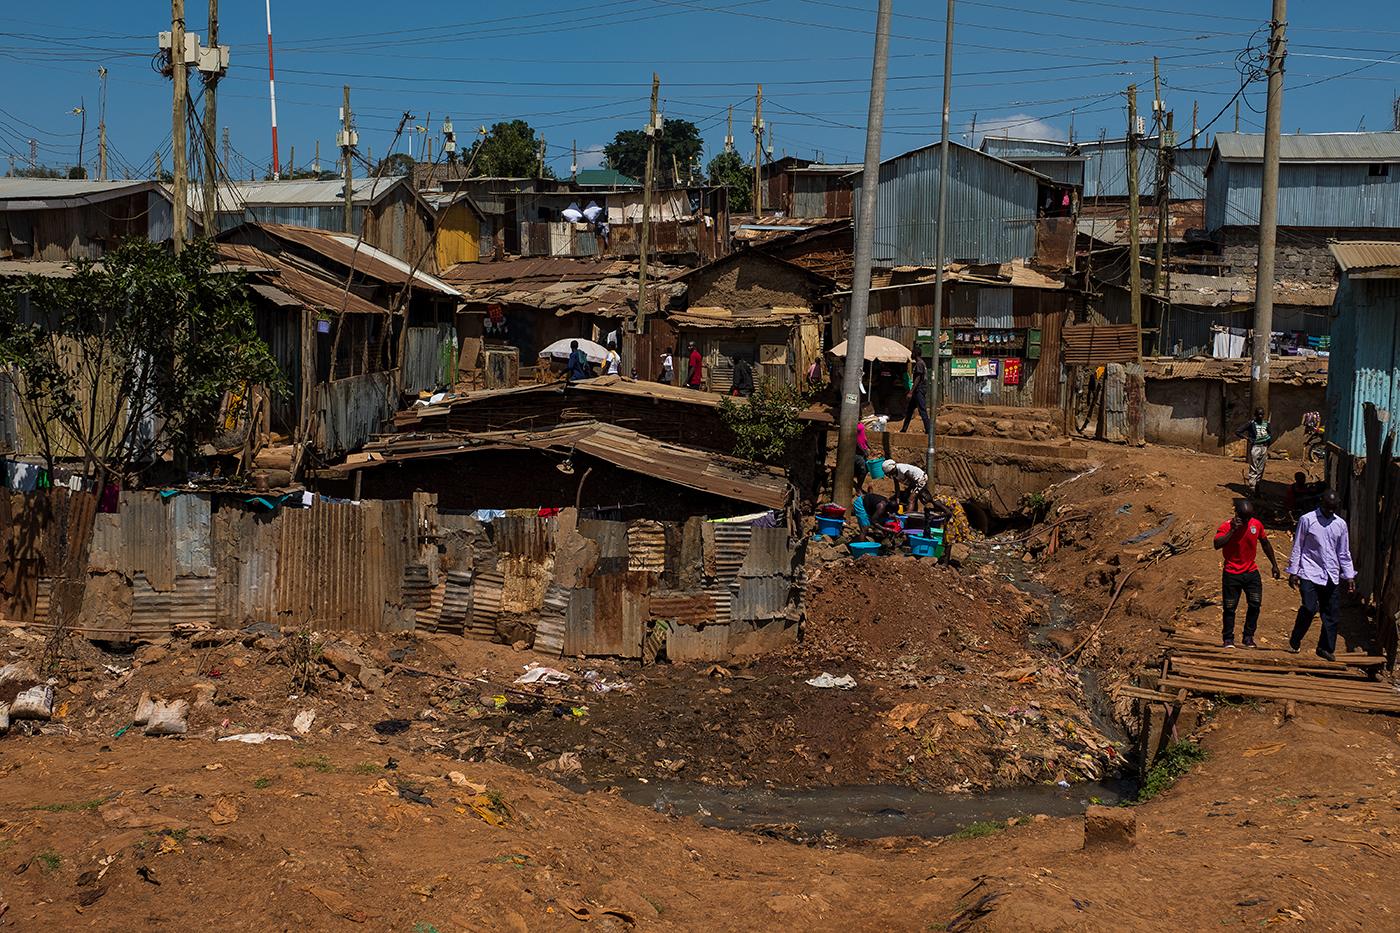 В Африке появился ещё один смертельный вирус